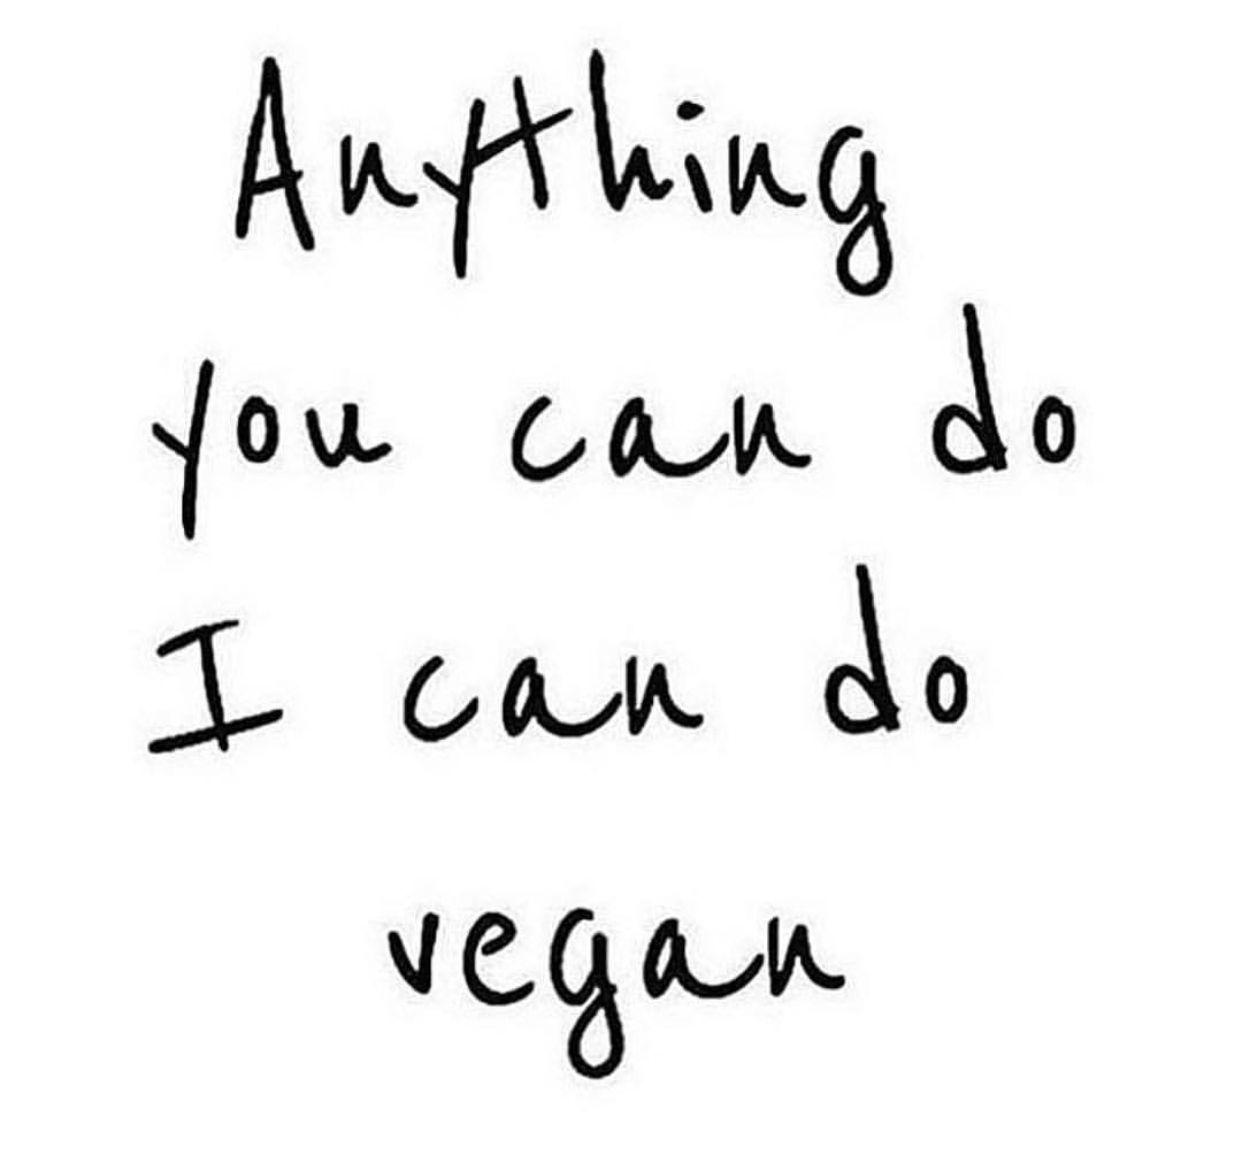 Vegan Quotes Vegan Life  Lifestyle Change  Pinterest  Vegan Life Vegans And